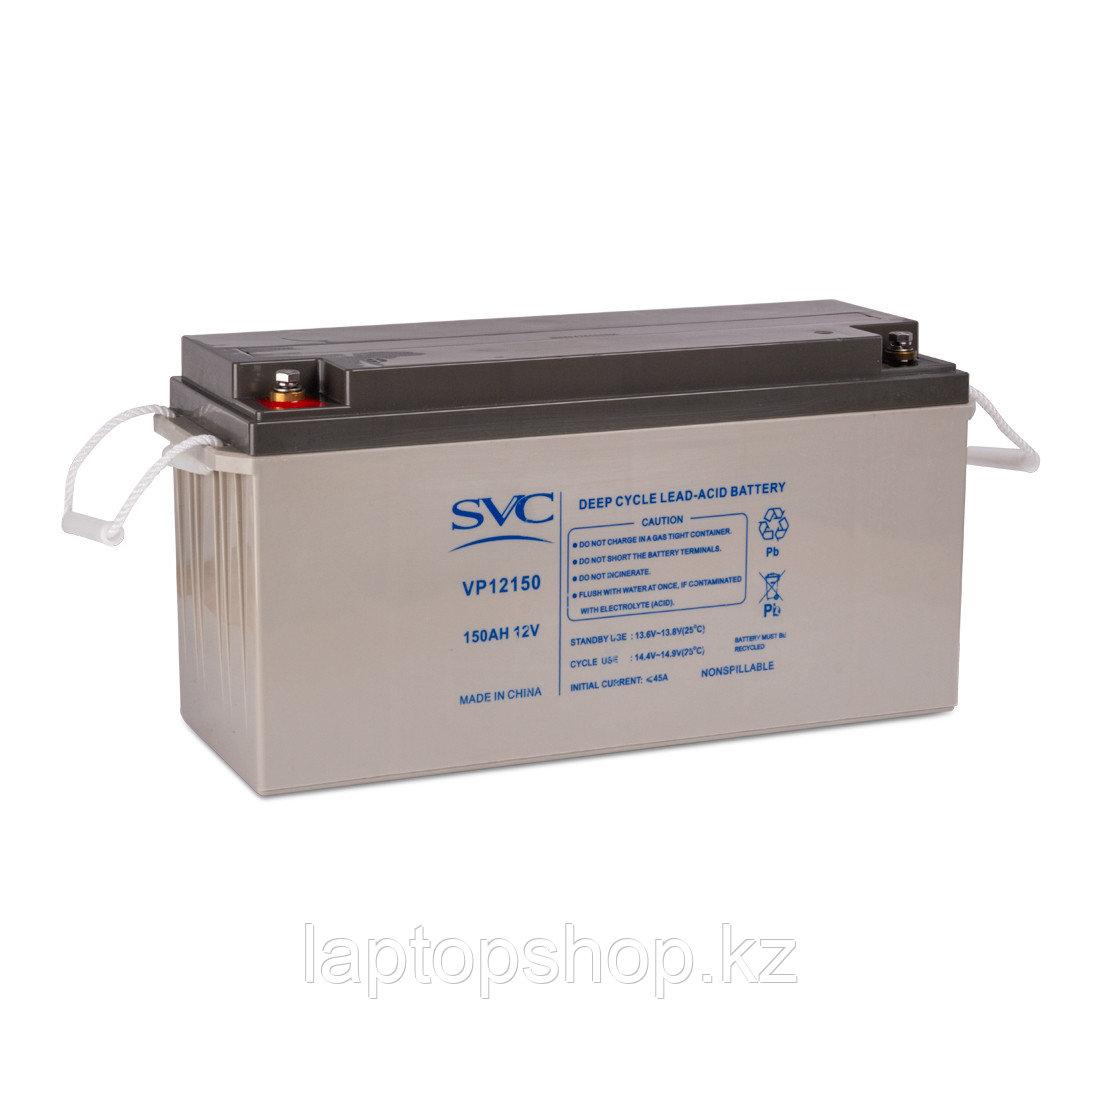 Аккумуляторная батарея SVC VP12150, 12В, 150 Ач